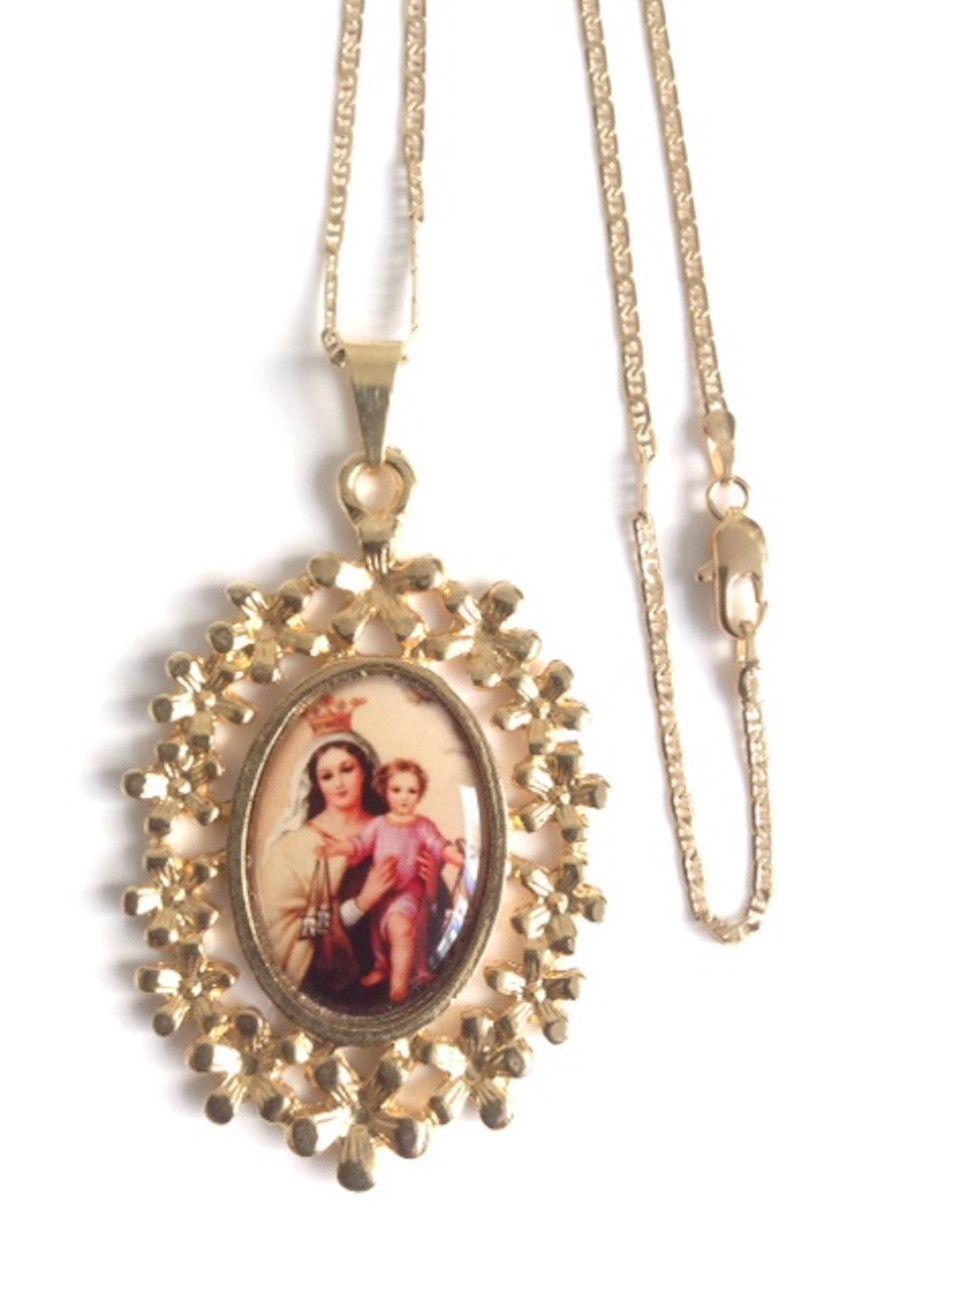 Our Lady of Mount Carmel Gold Medal - Virgen del Carmen